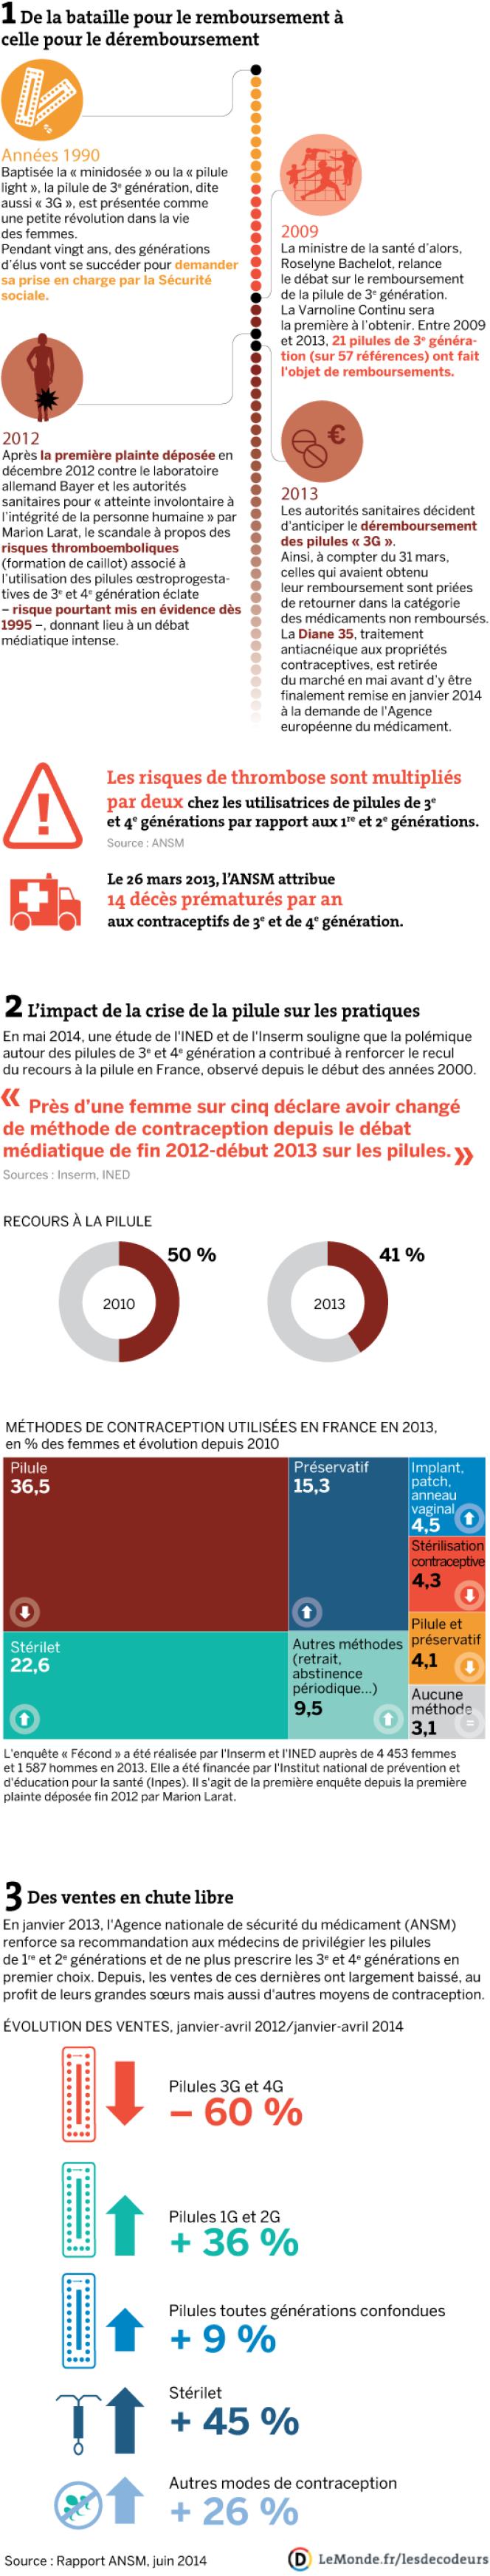 Evolution de la contraception en France depuis le scandale des pilules de 3e et 4e génération